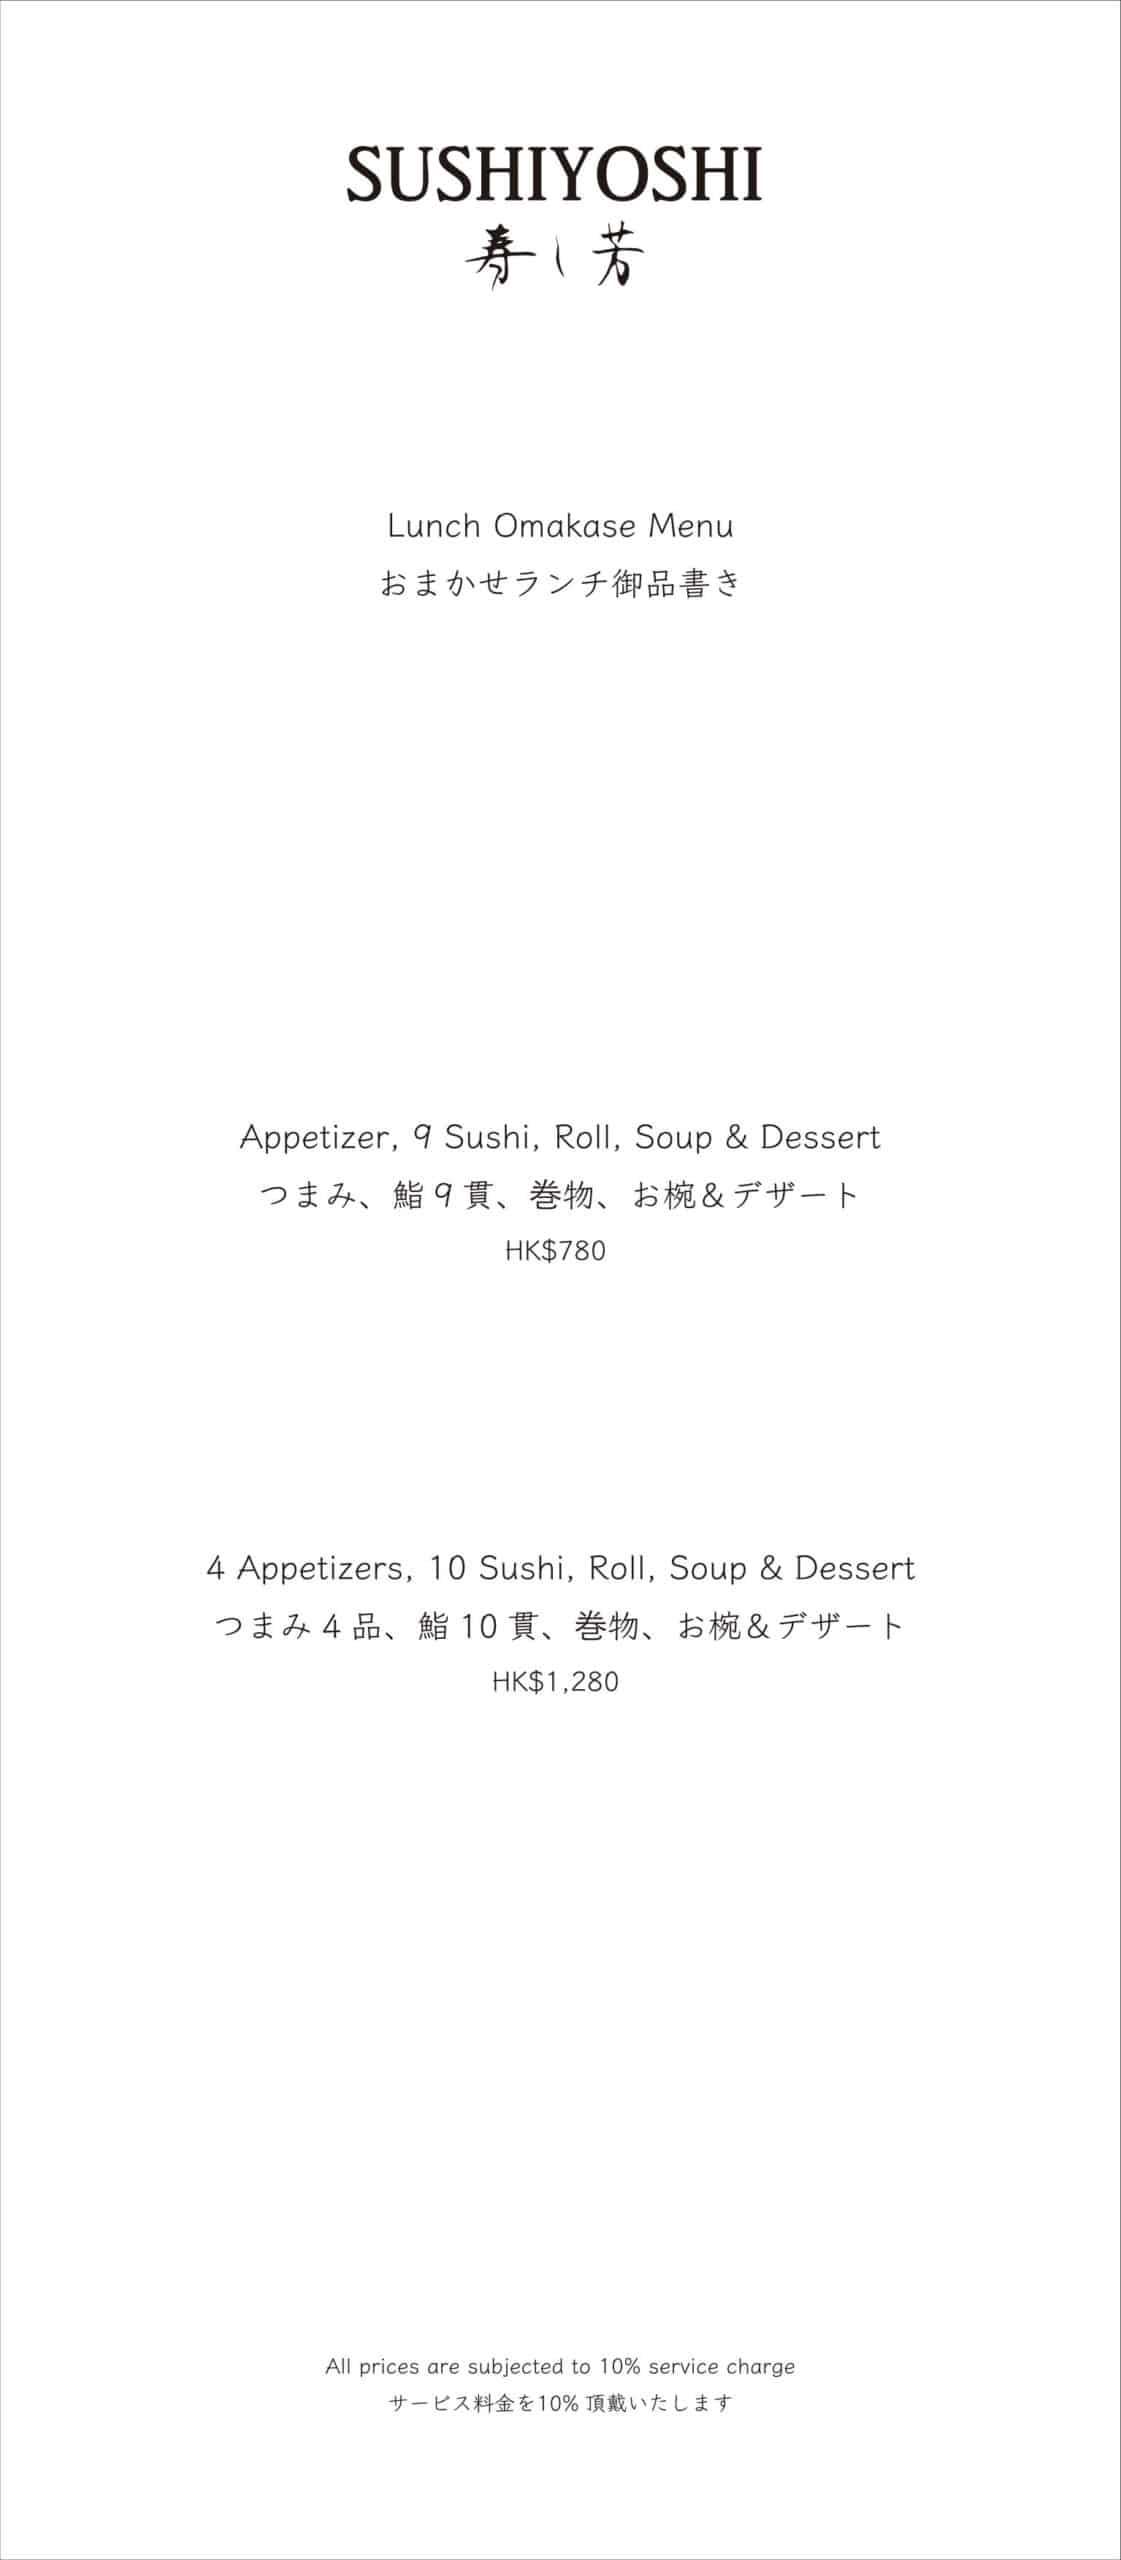 Sushiyoshi new menu 2021 with new Hiroki omakase